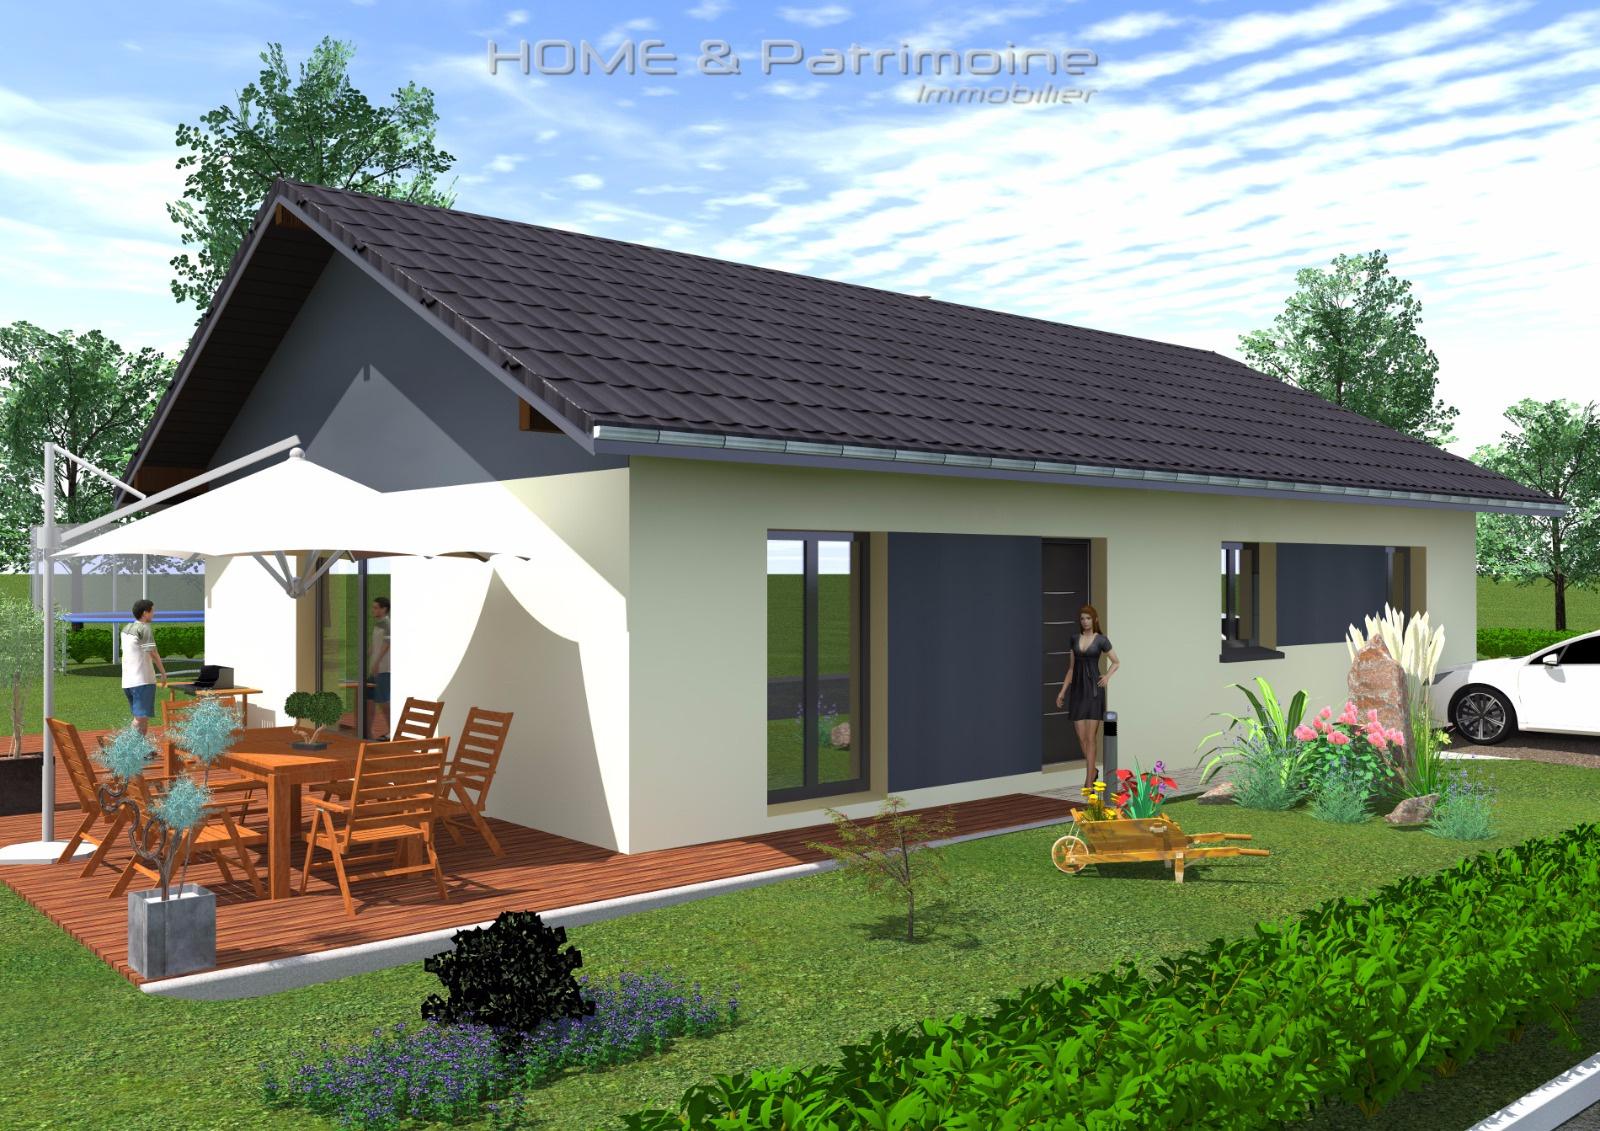 Vente projet d 39 une maison de plein pied de 92 m for Enlever l humidite d une maison